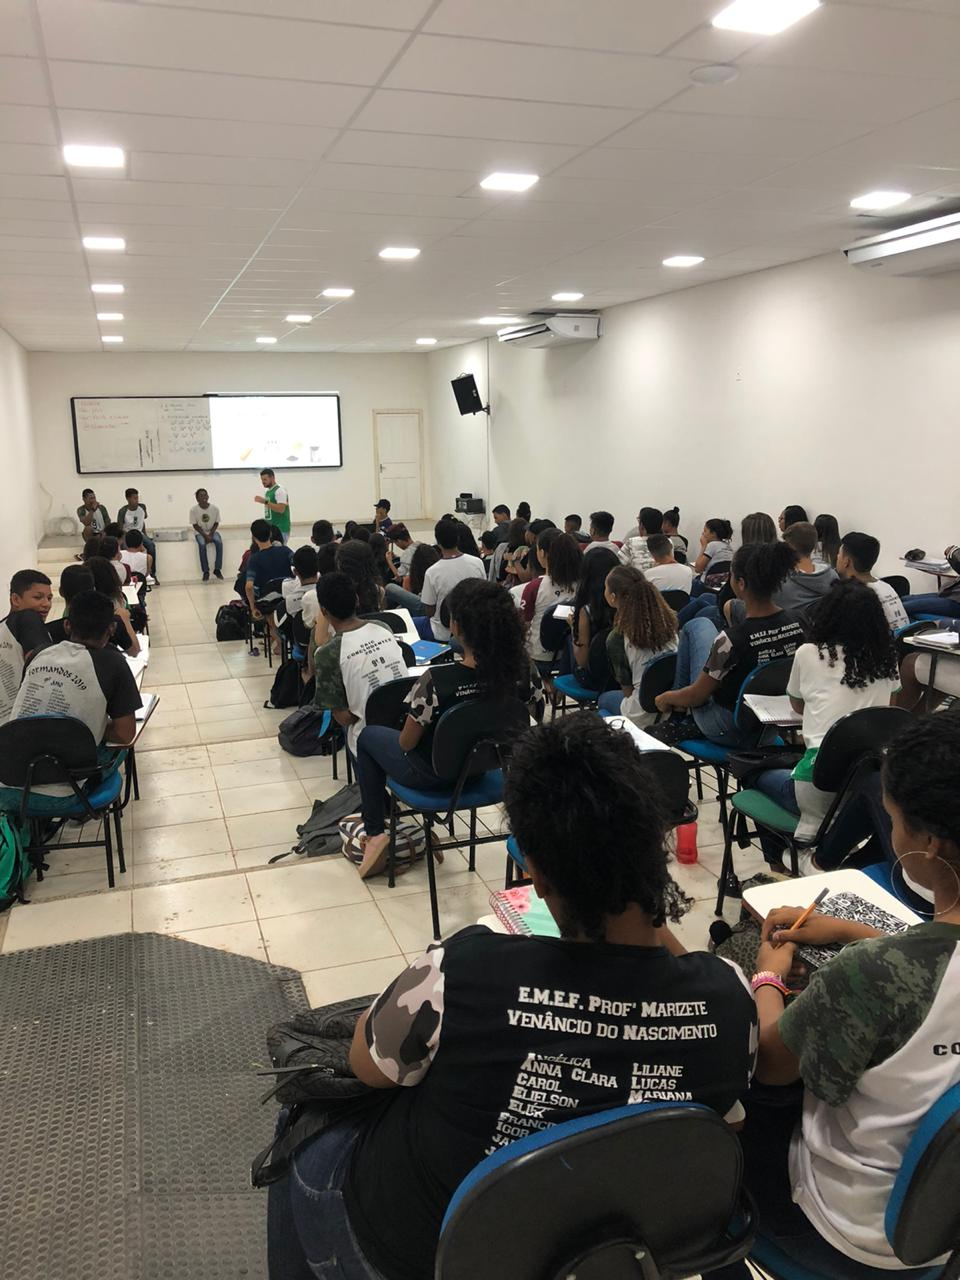 SECRETARIA DE EDUCAÇÃO REALIZA AULÃO PREPARATÓRIO PARA A PROVA DO IFES